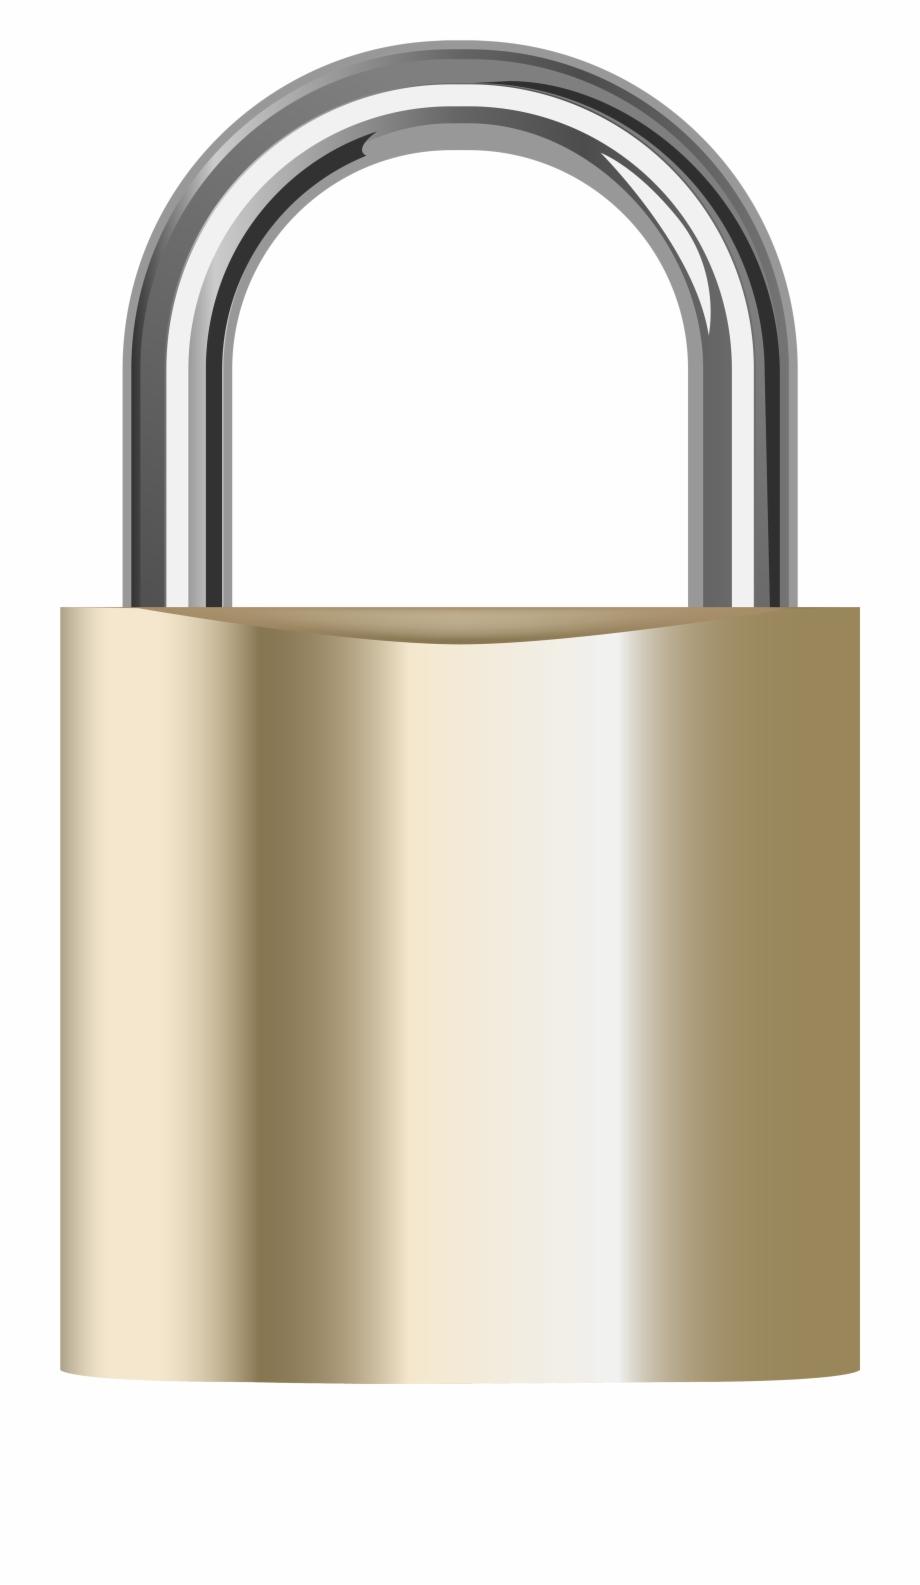 Png transparent . Lock clipart clip art